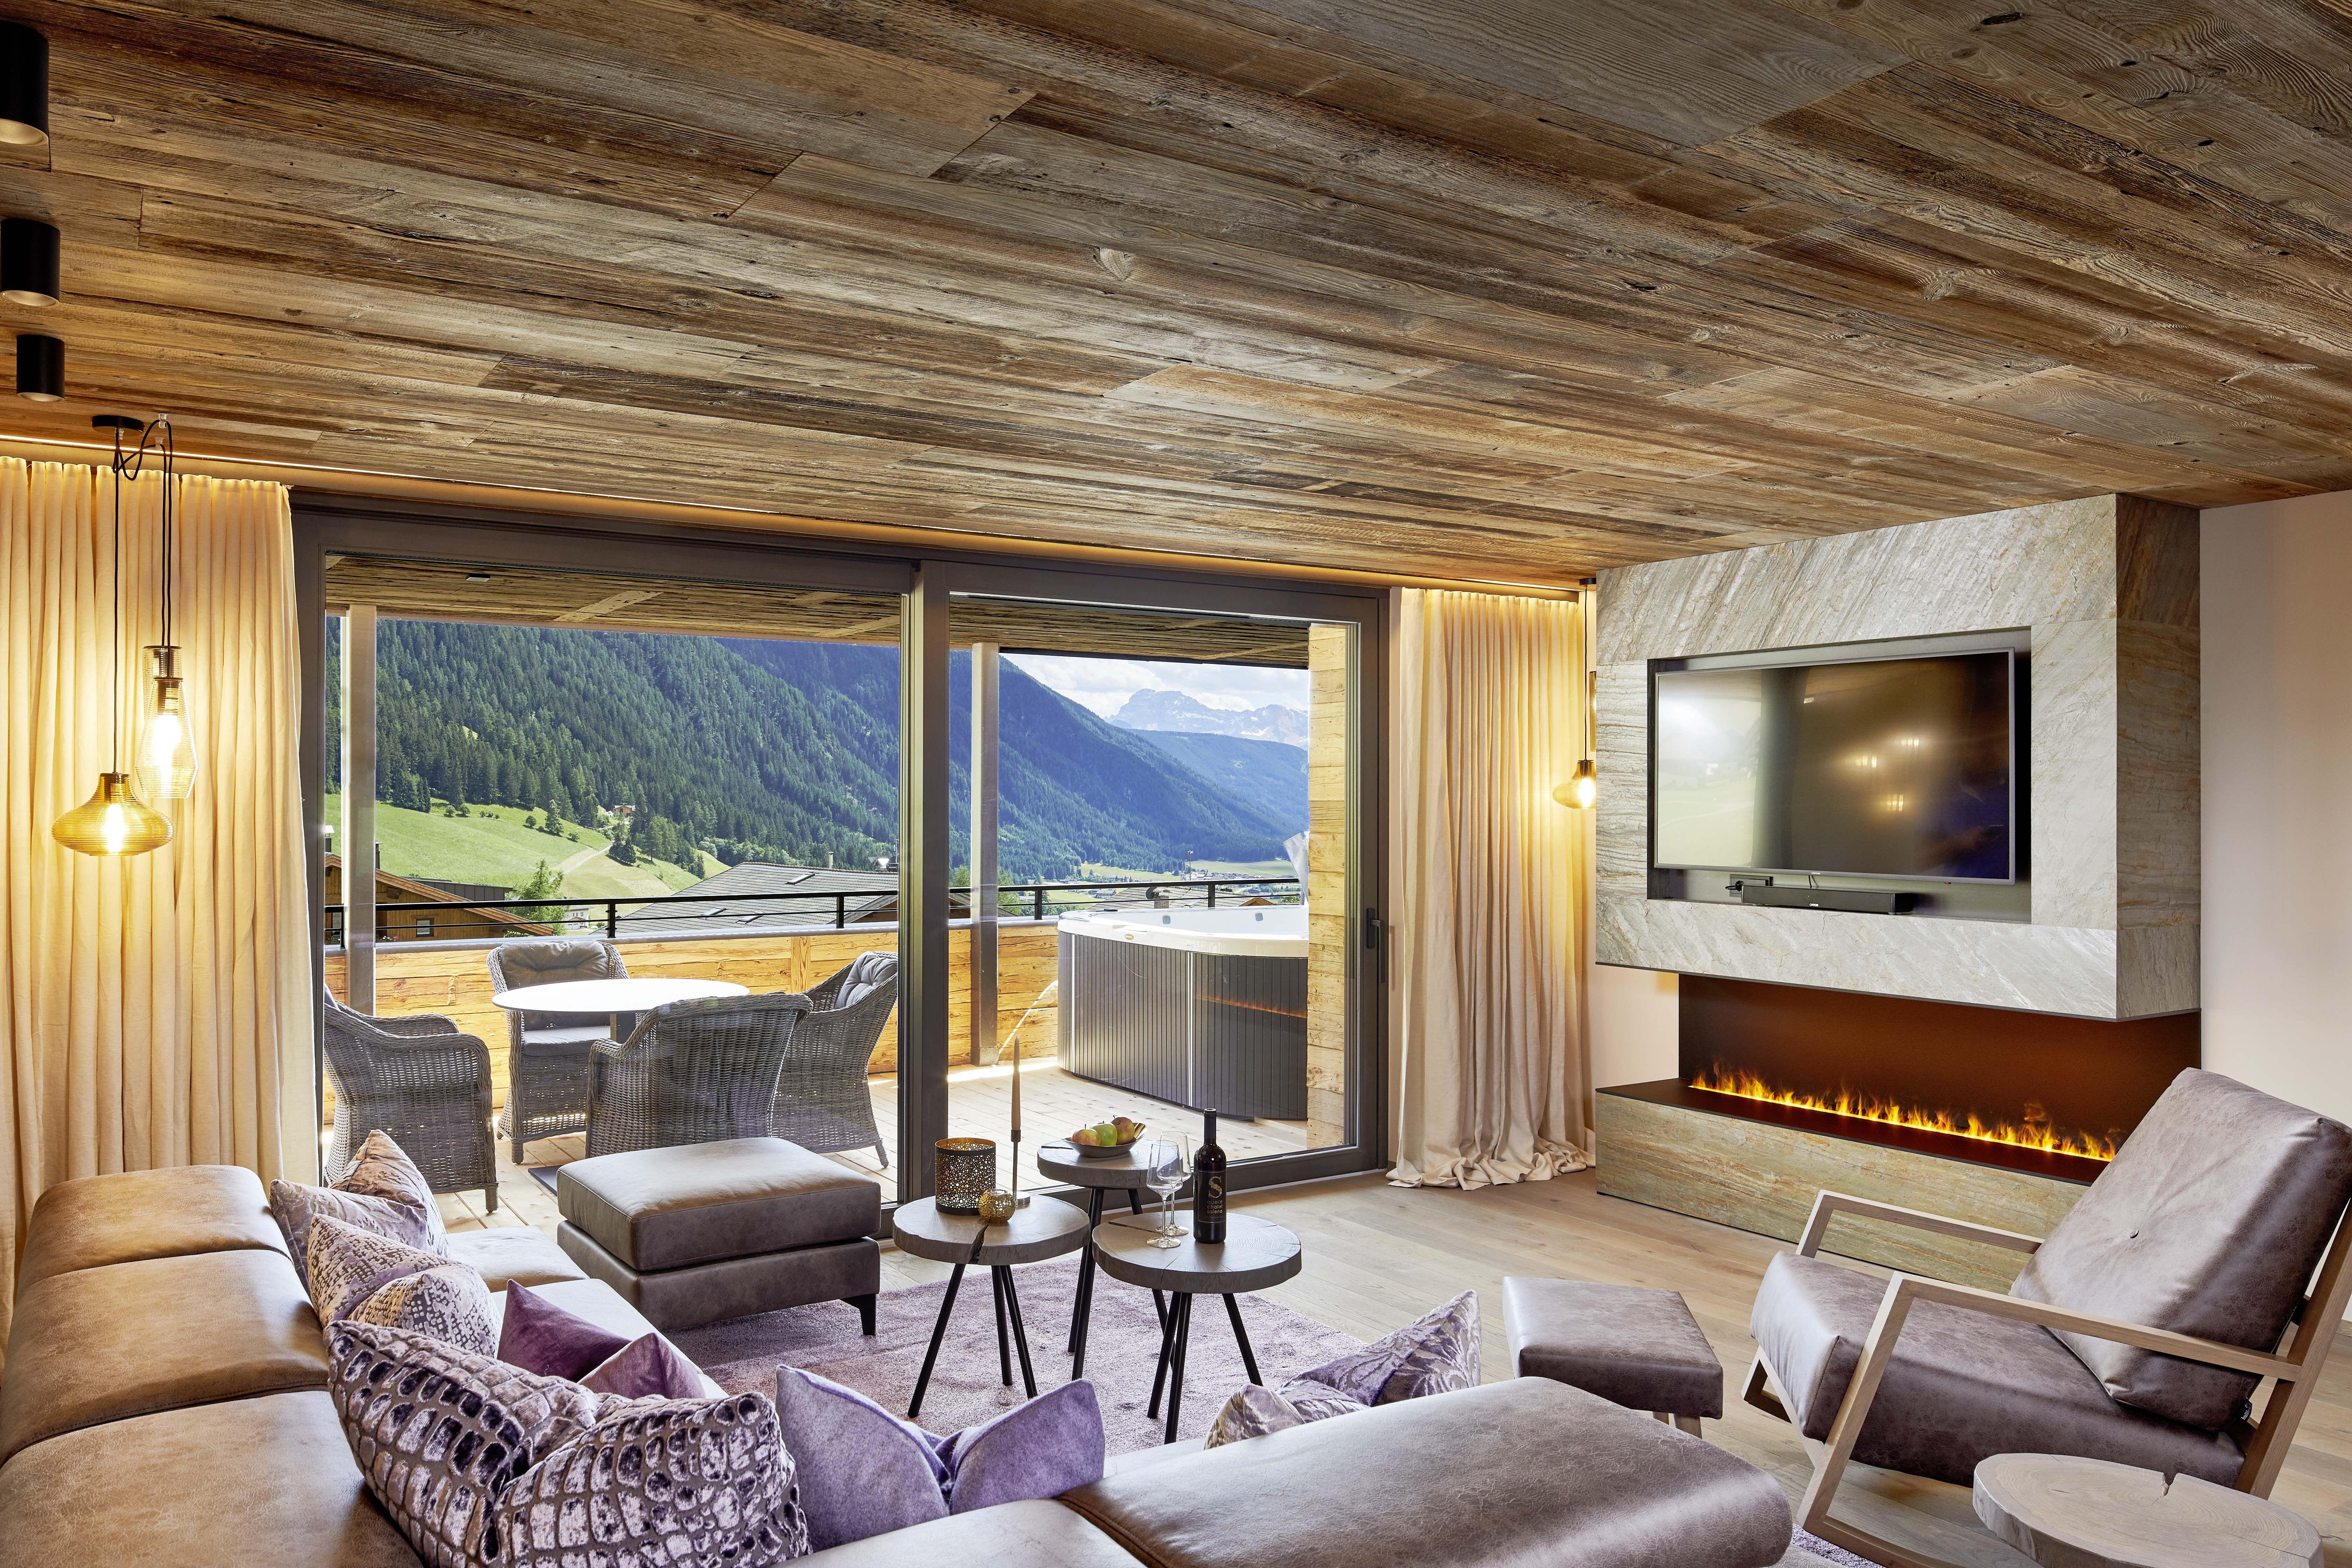 neu chalet salena luxury private lodge nachrichten m nchen. Black Bedroom Furniture Sets. Home Design Ideas